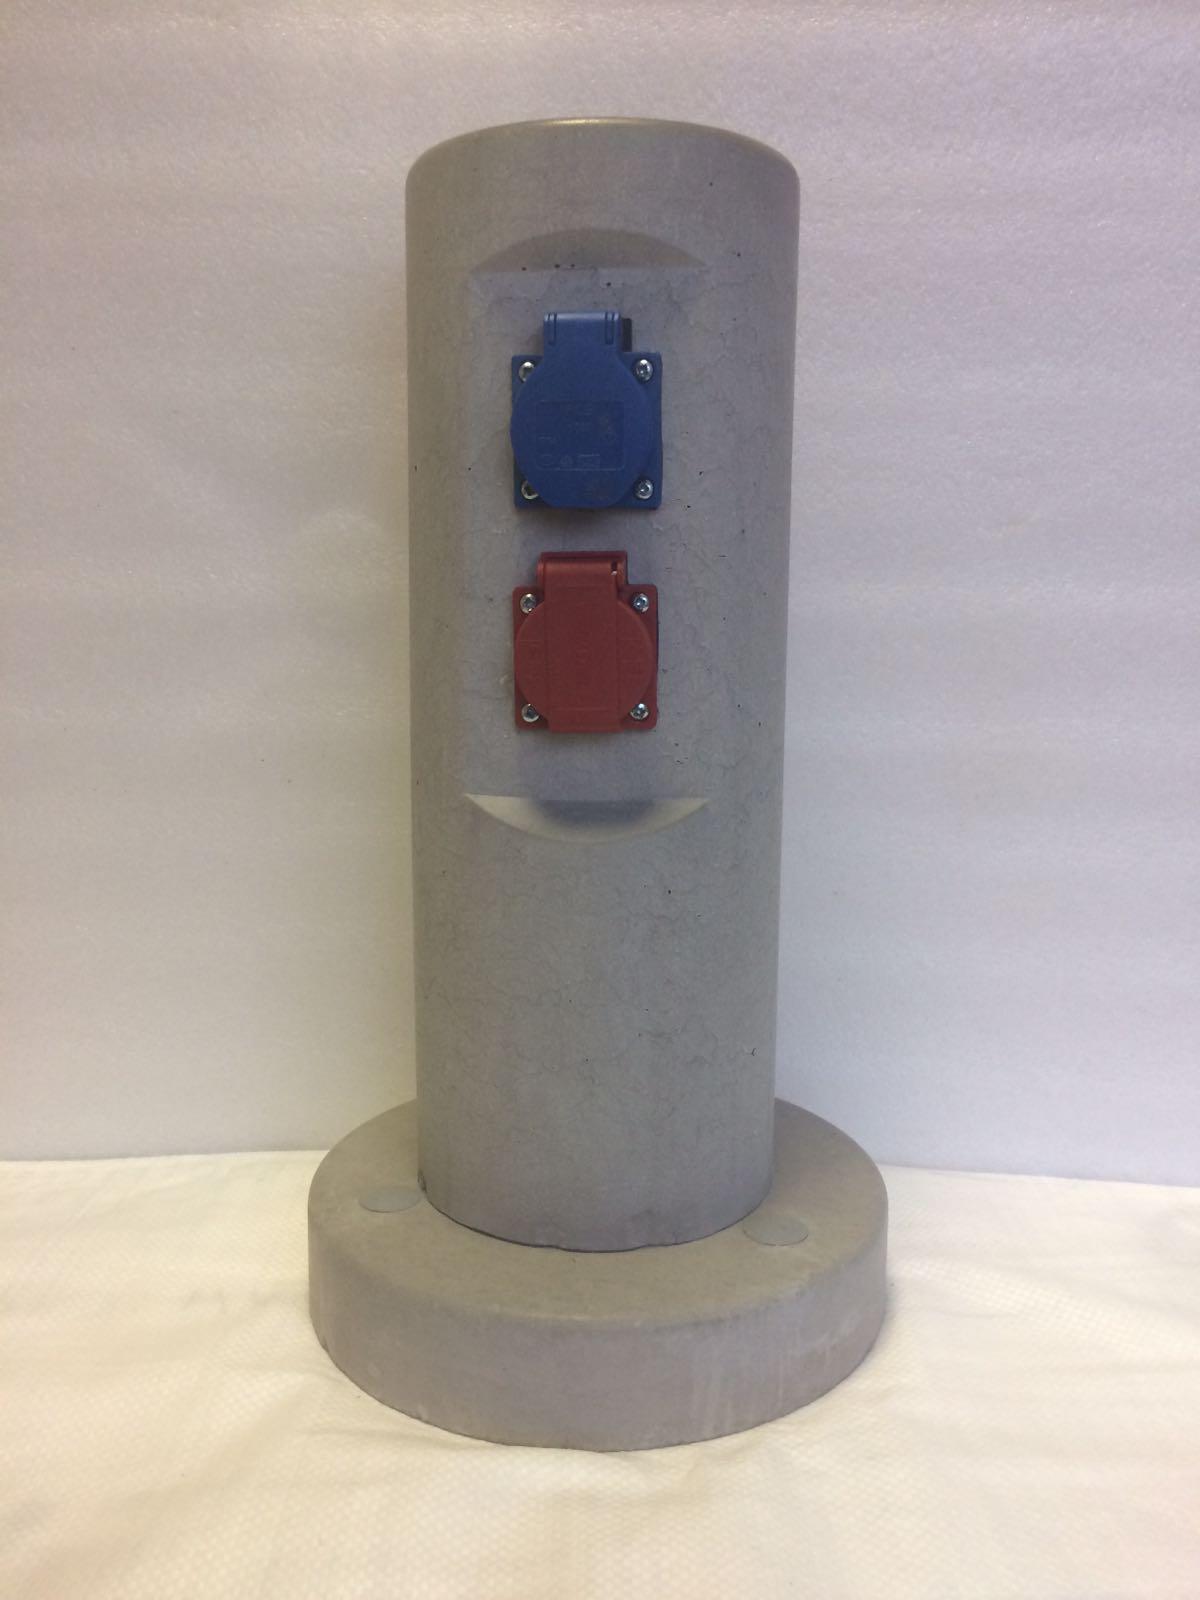 betona-lampa-ponton-shop-latvija-pirk